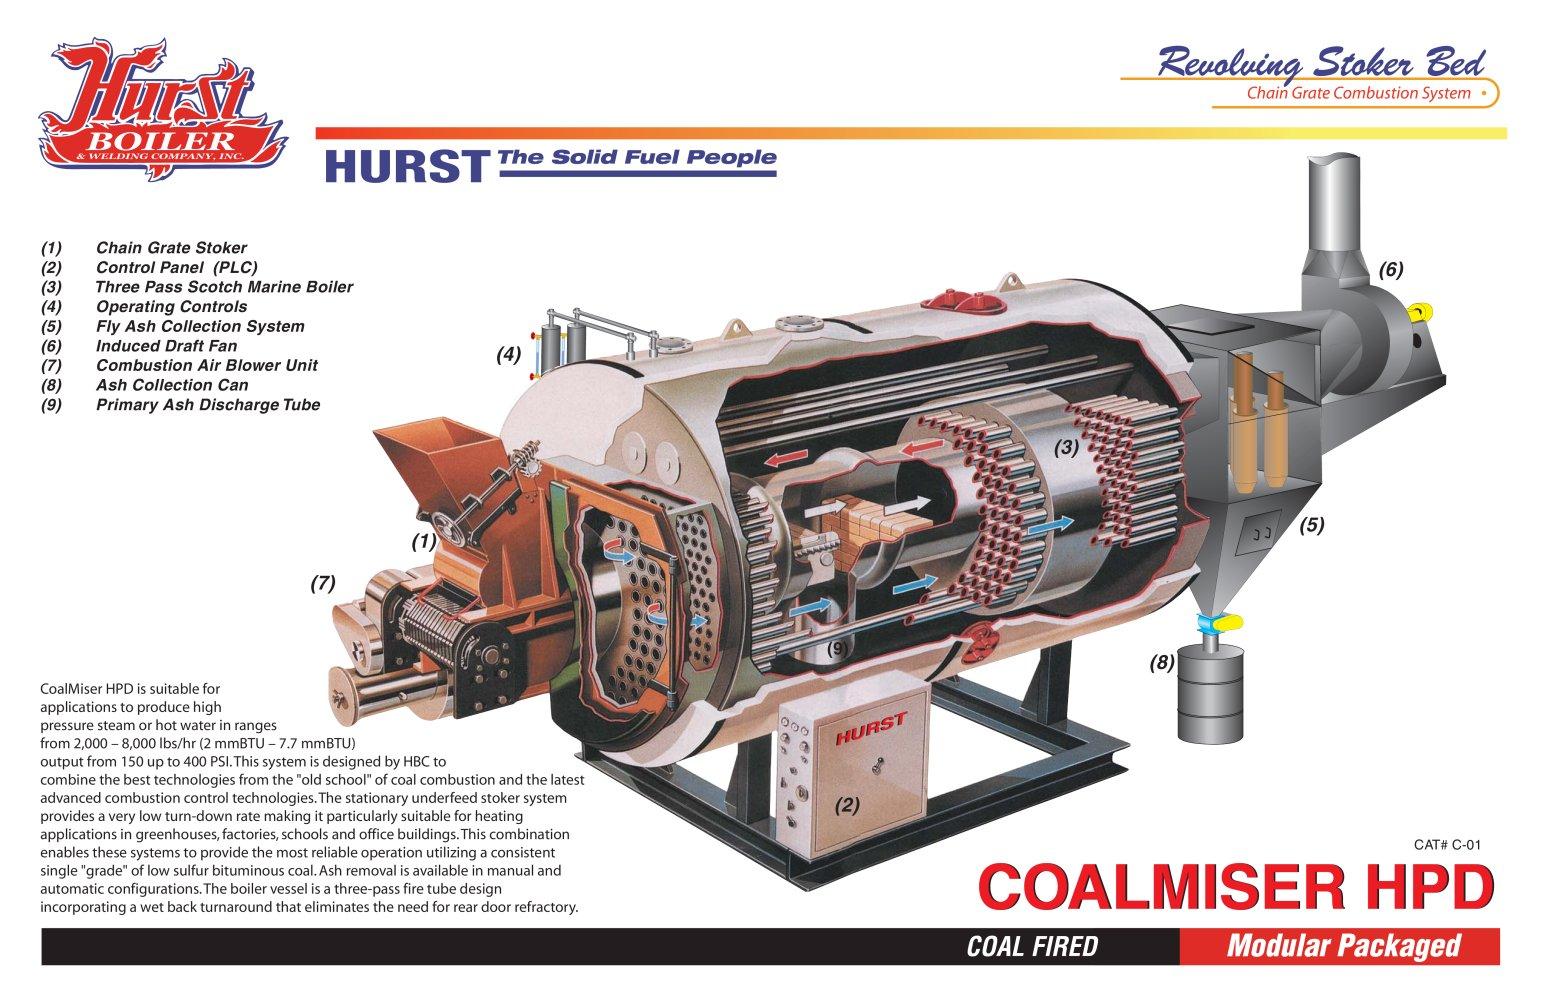 C-01 CoalMiser HPD - 1 / 1 Pages